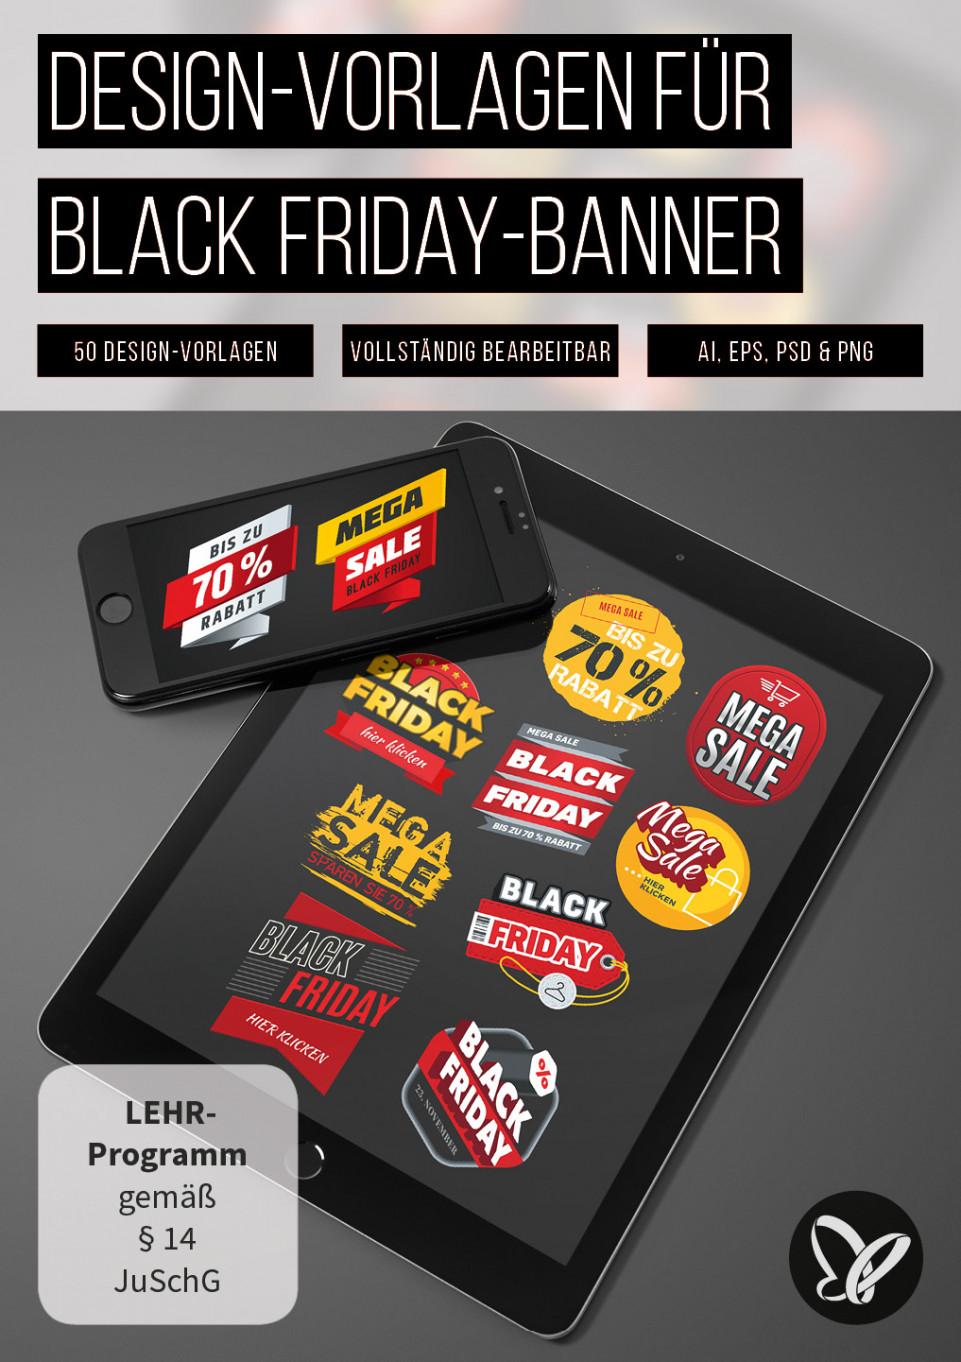 Vorlagen für Black Friday-Banner – Rabatte und Angebote bewerben